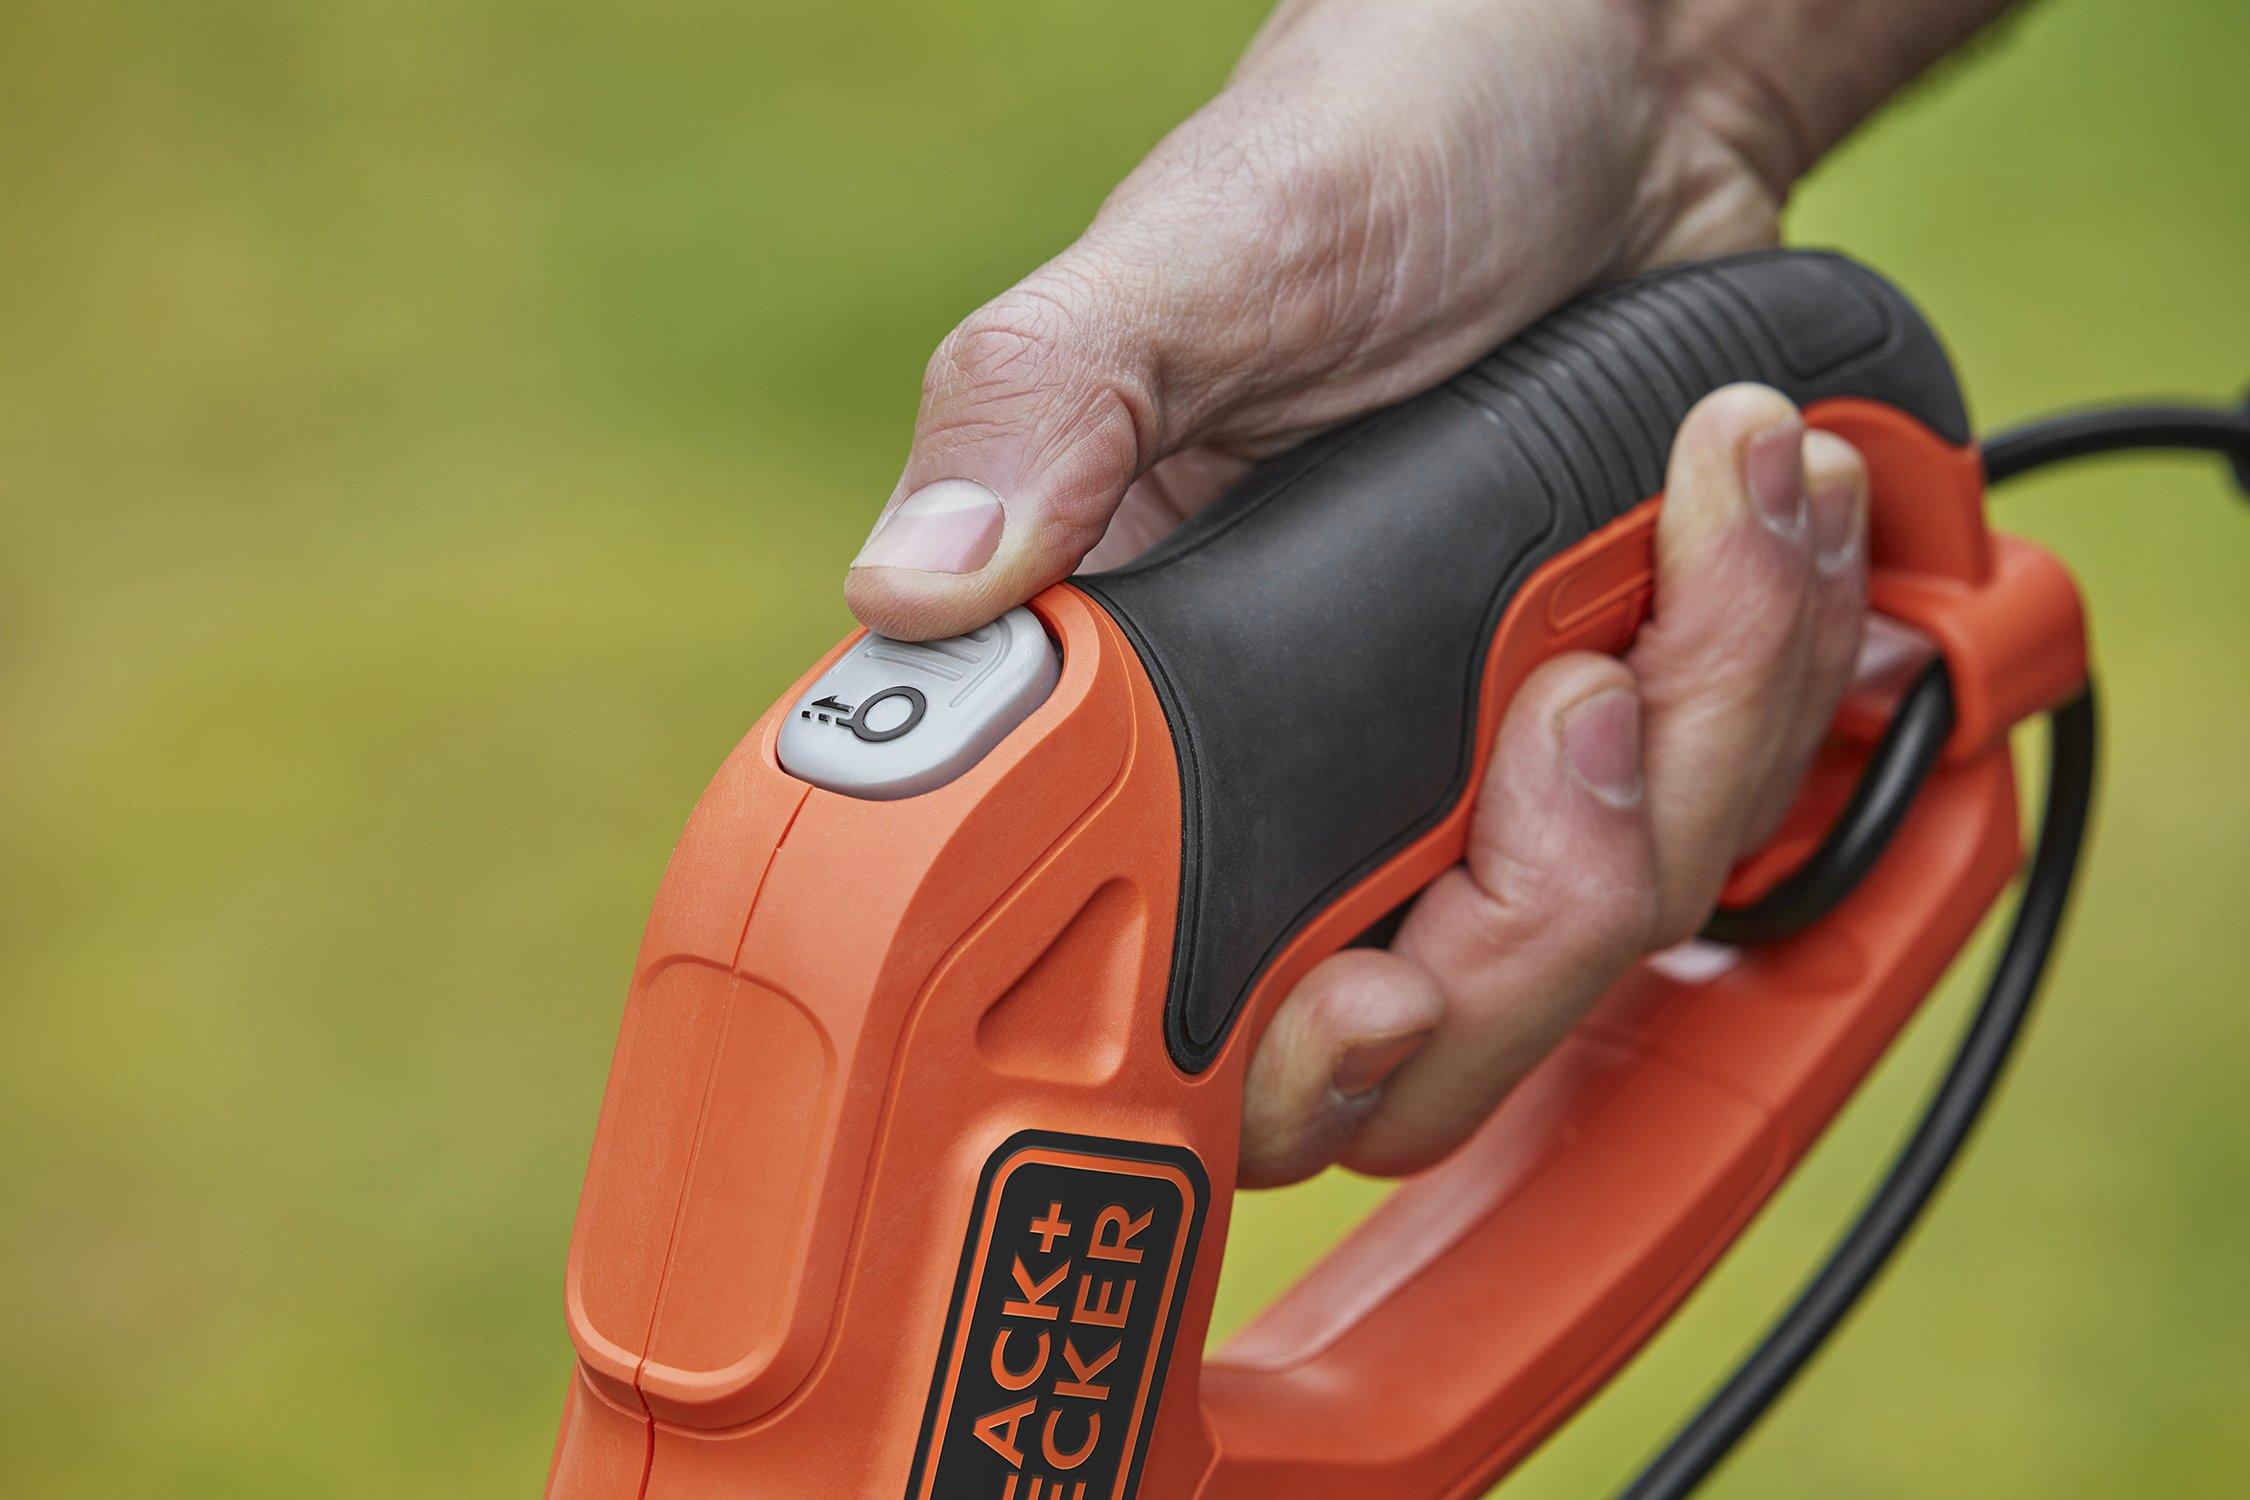 BlackDecker-BESTE630-Elektro-Rasentrimmer-E-Drive-manuelle-Fadenverlngerung-auf-Knopfdruck-EasyFeed-werkzeuglos-umstellen-von-Trimmen-auf-Kantenschneiden-550-W-230-V-Schwarz-30-cm